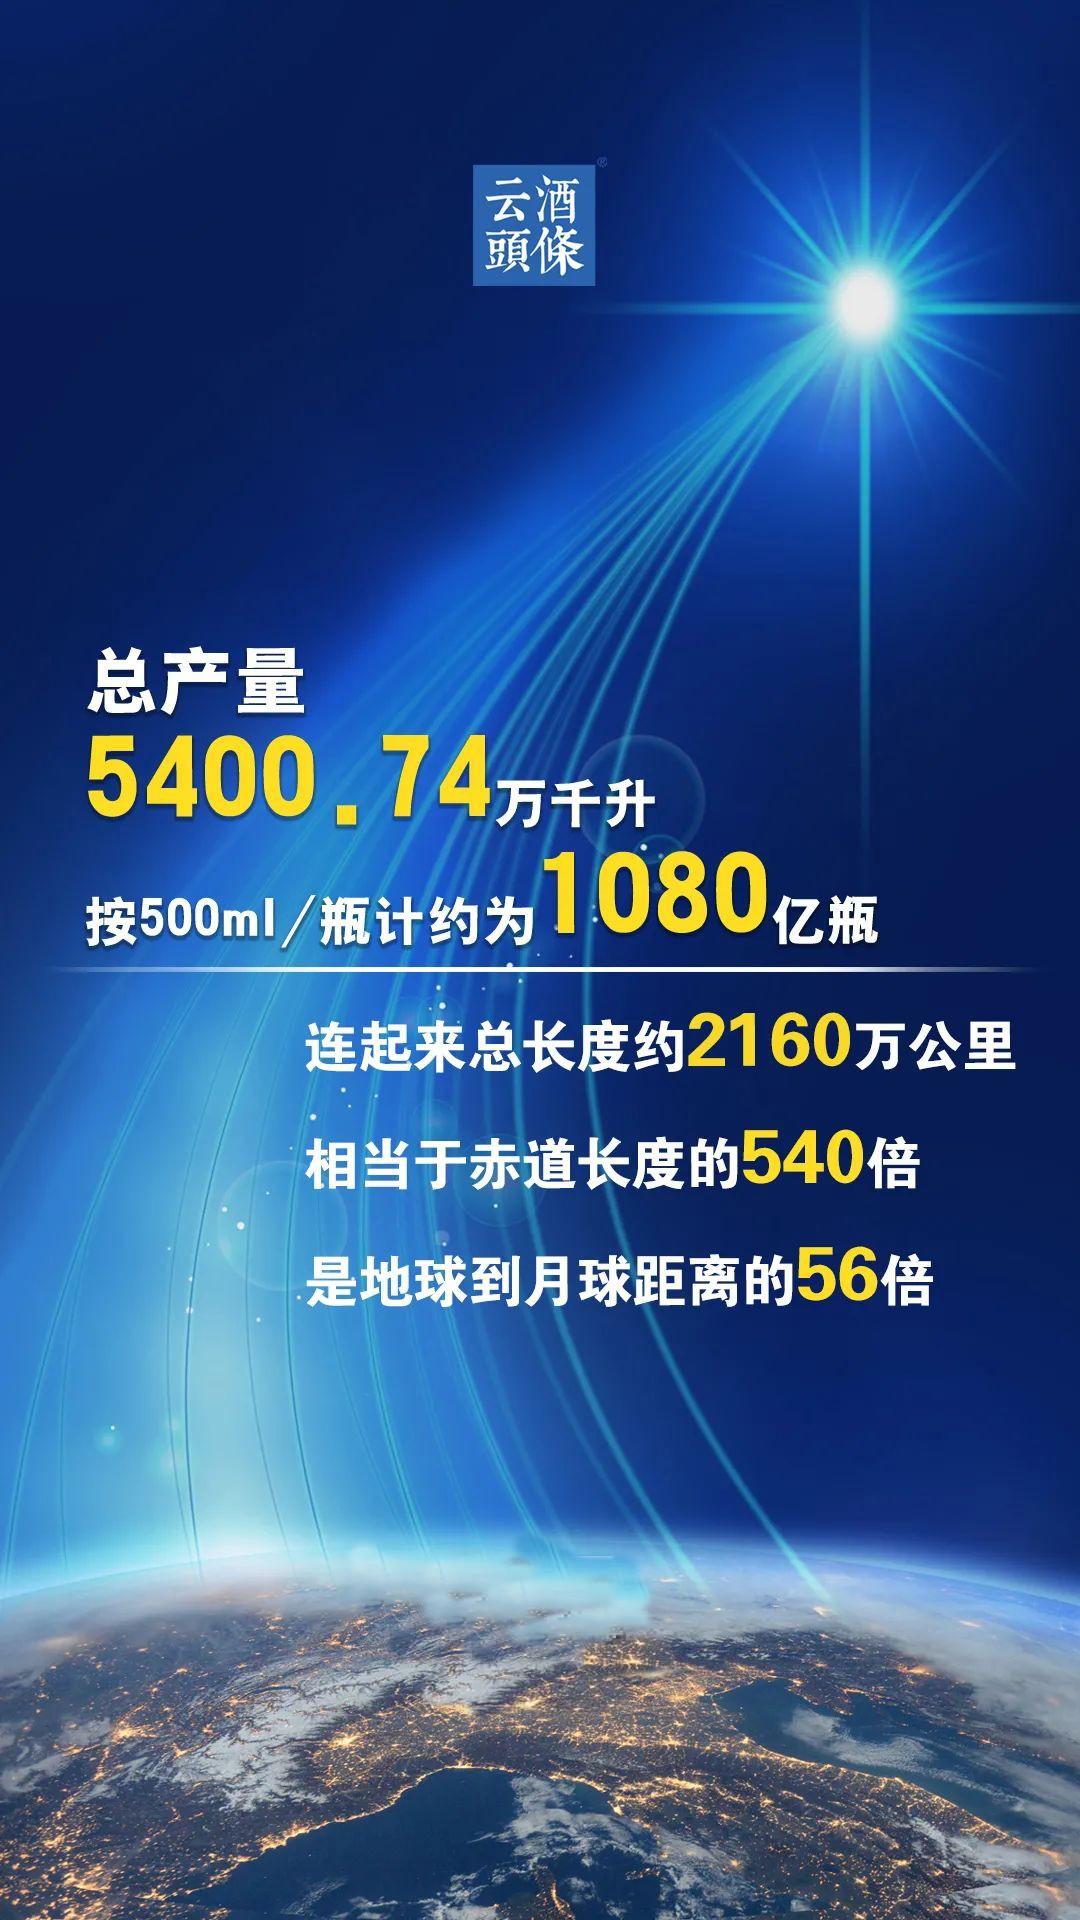 酒占gdp_中国GDP首破100万亿2020年酒业收入超1万亿占1%